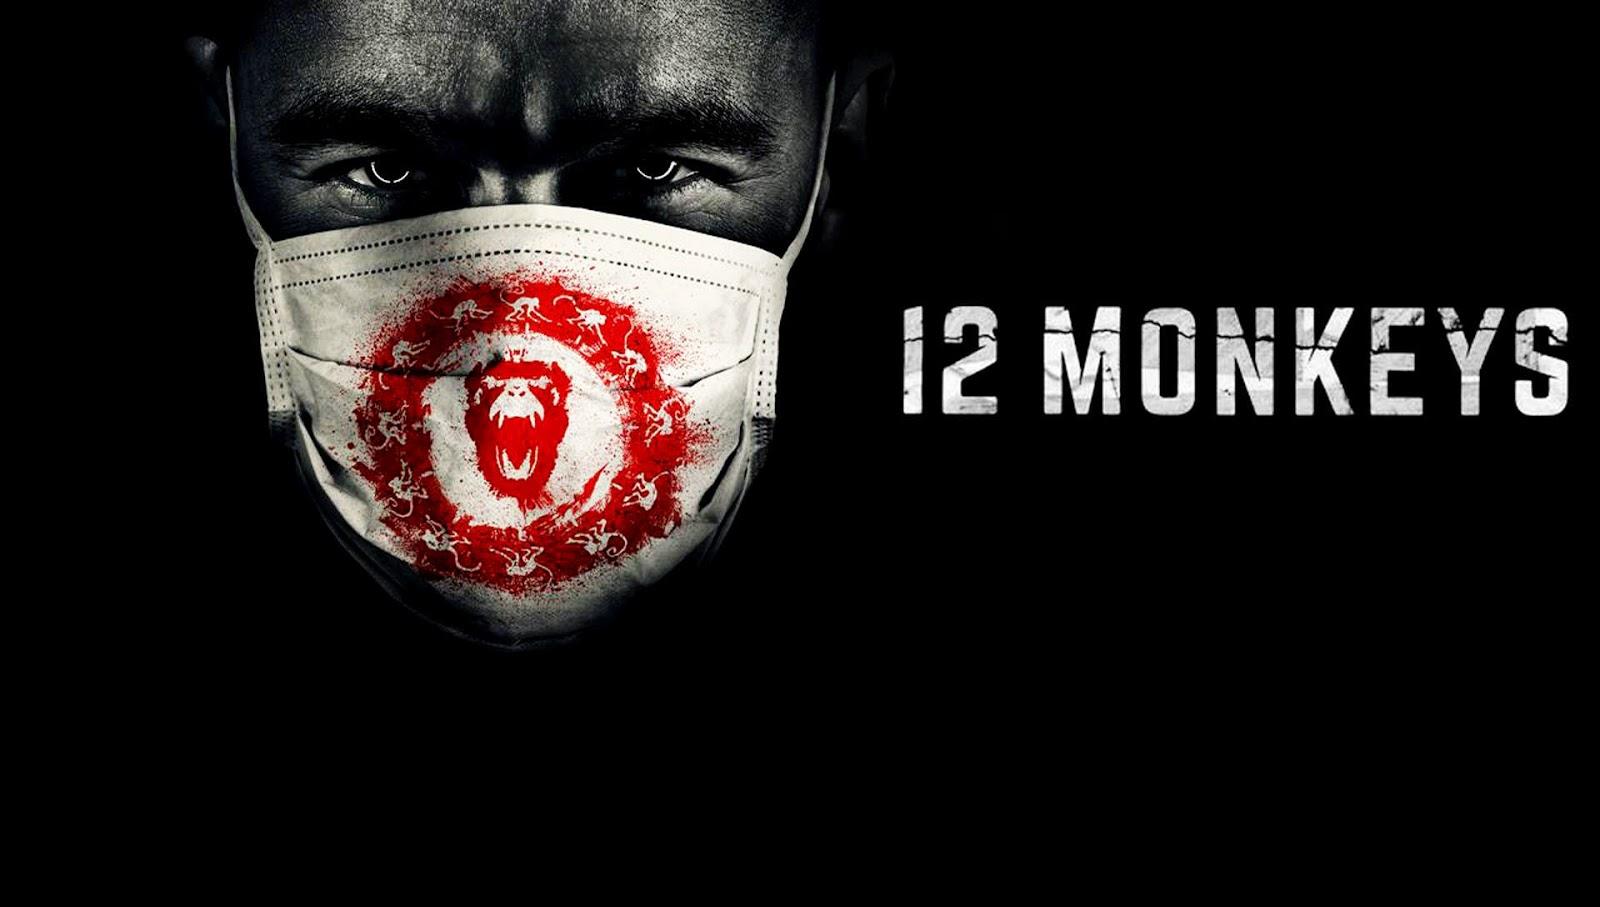 12 monkeys season 1 ซับไทย Ep.1-4